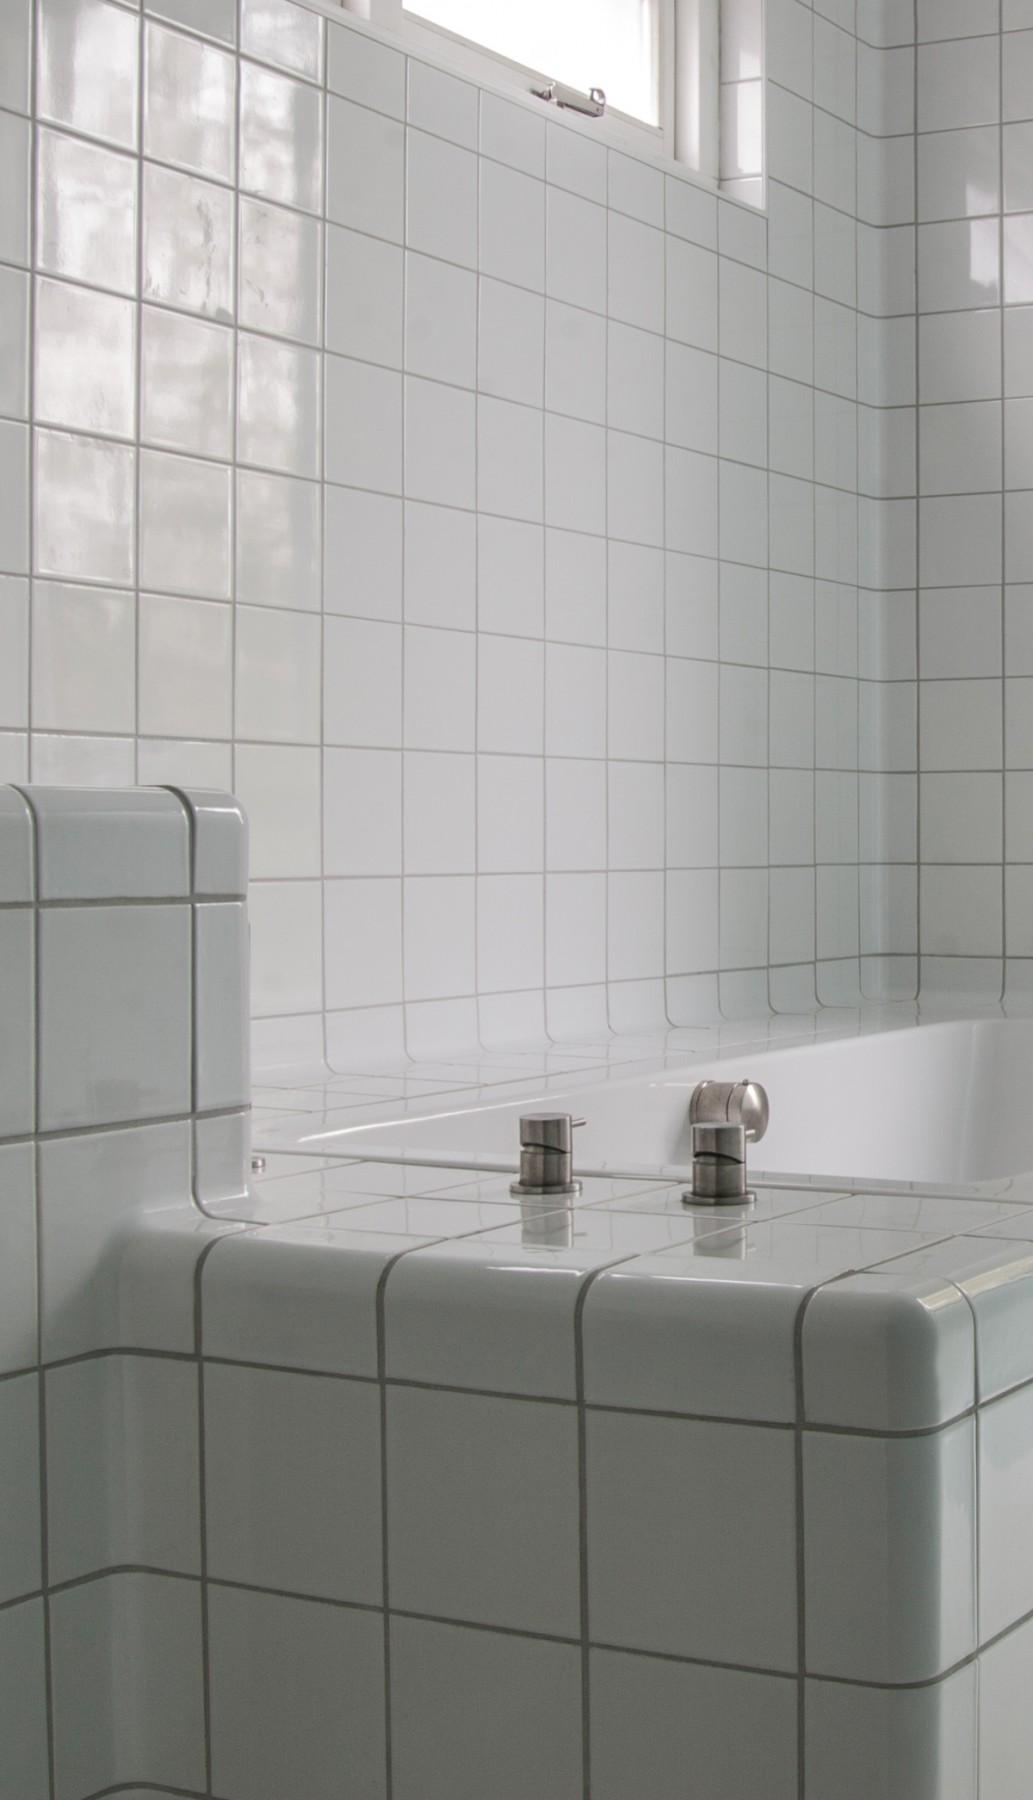 3d afgeronde tegels bad in 20 kleuren met afgeronde hoeken voor gebruik op aanrecht, toonbak, tafel of bar.